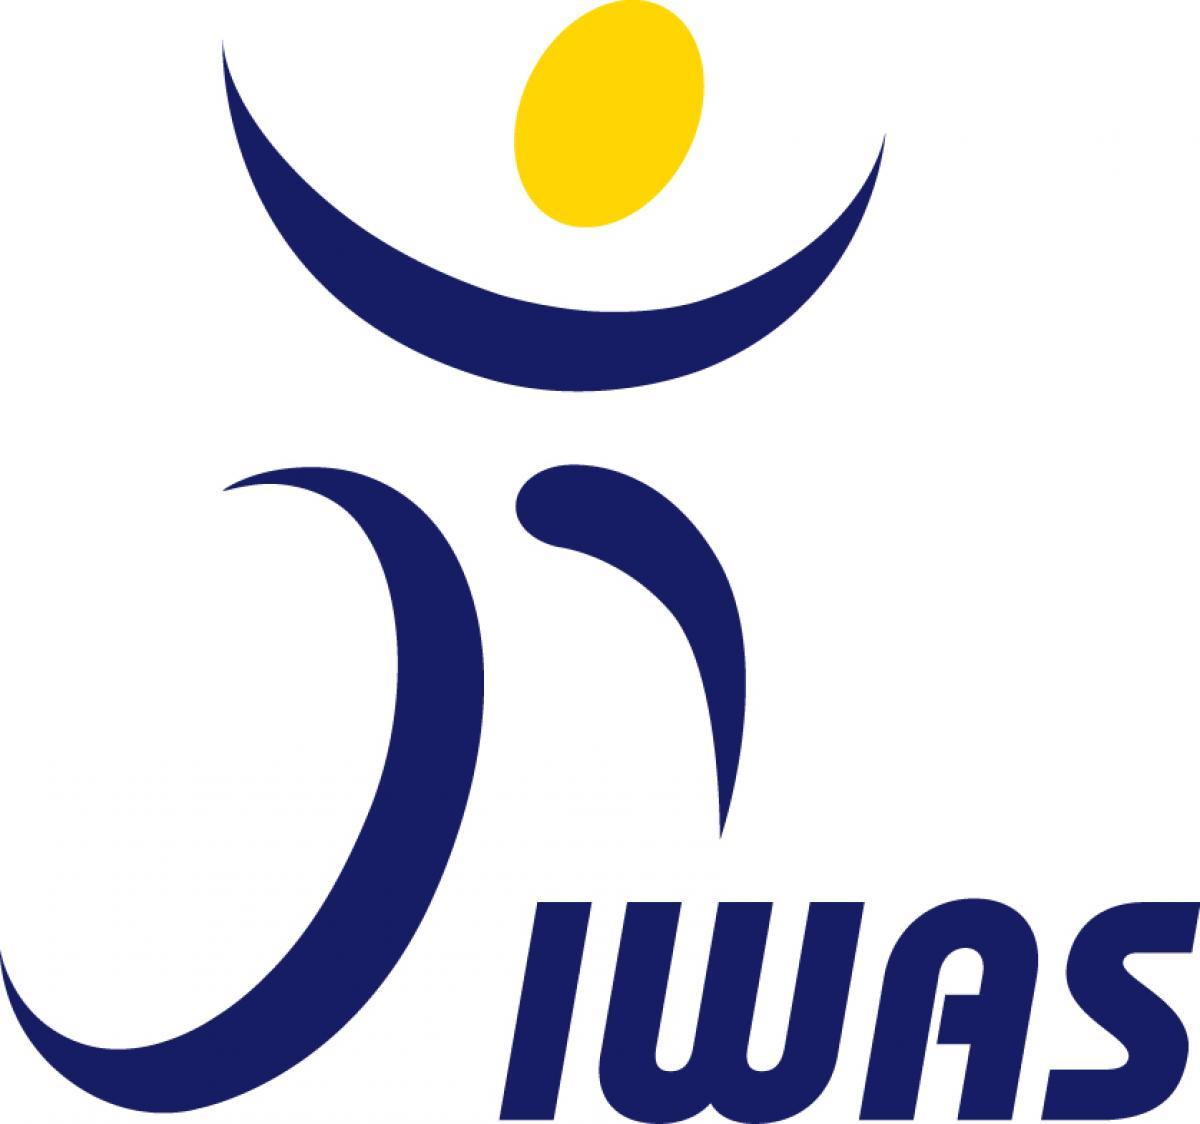 П.А. Рожков и исполнительный директор IWAS Шармейн Хупер в режиме онлайн-связи обсудили вопросы переноса сроков проведения Всемирных игр IWAS на территории РФ на 2022 год